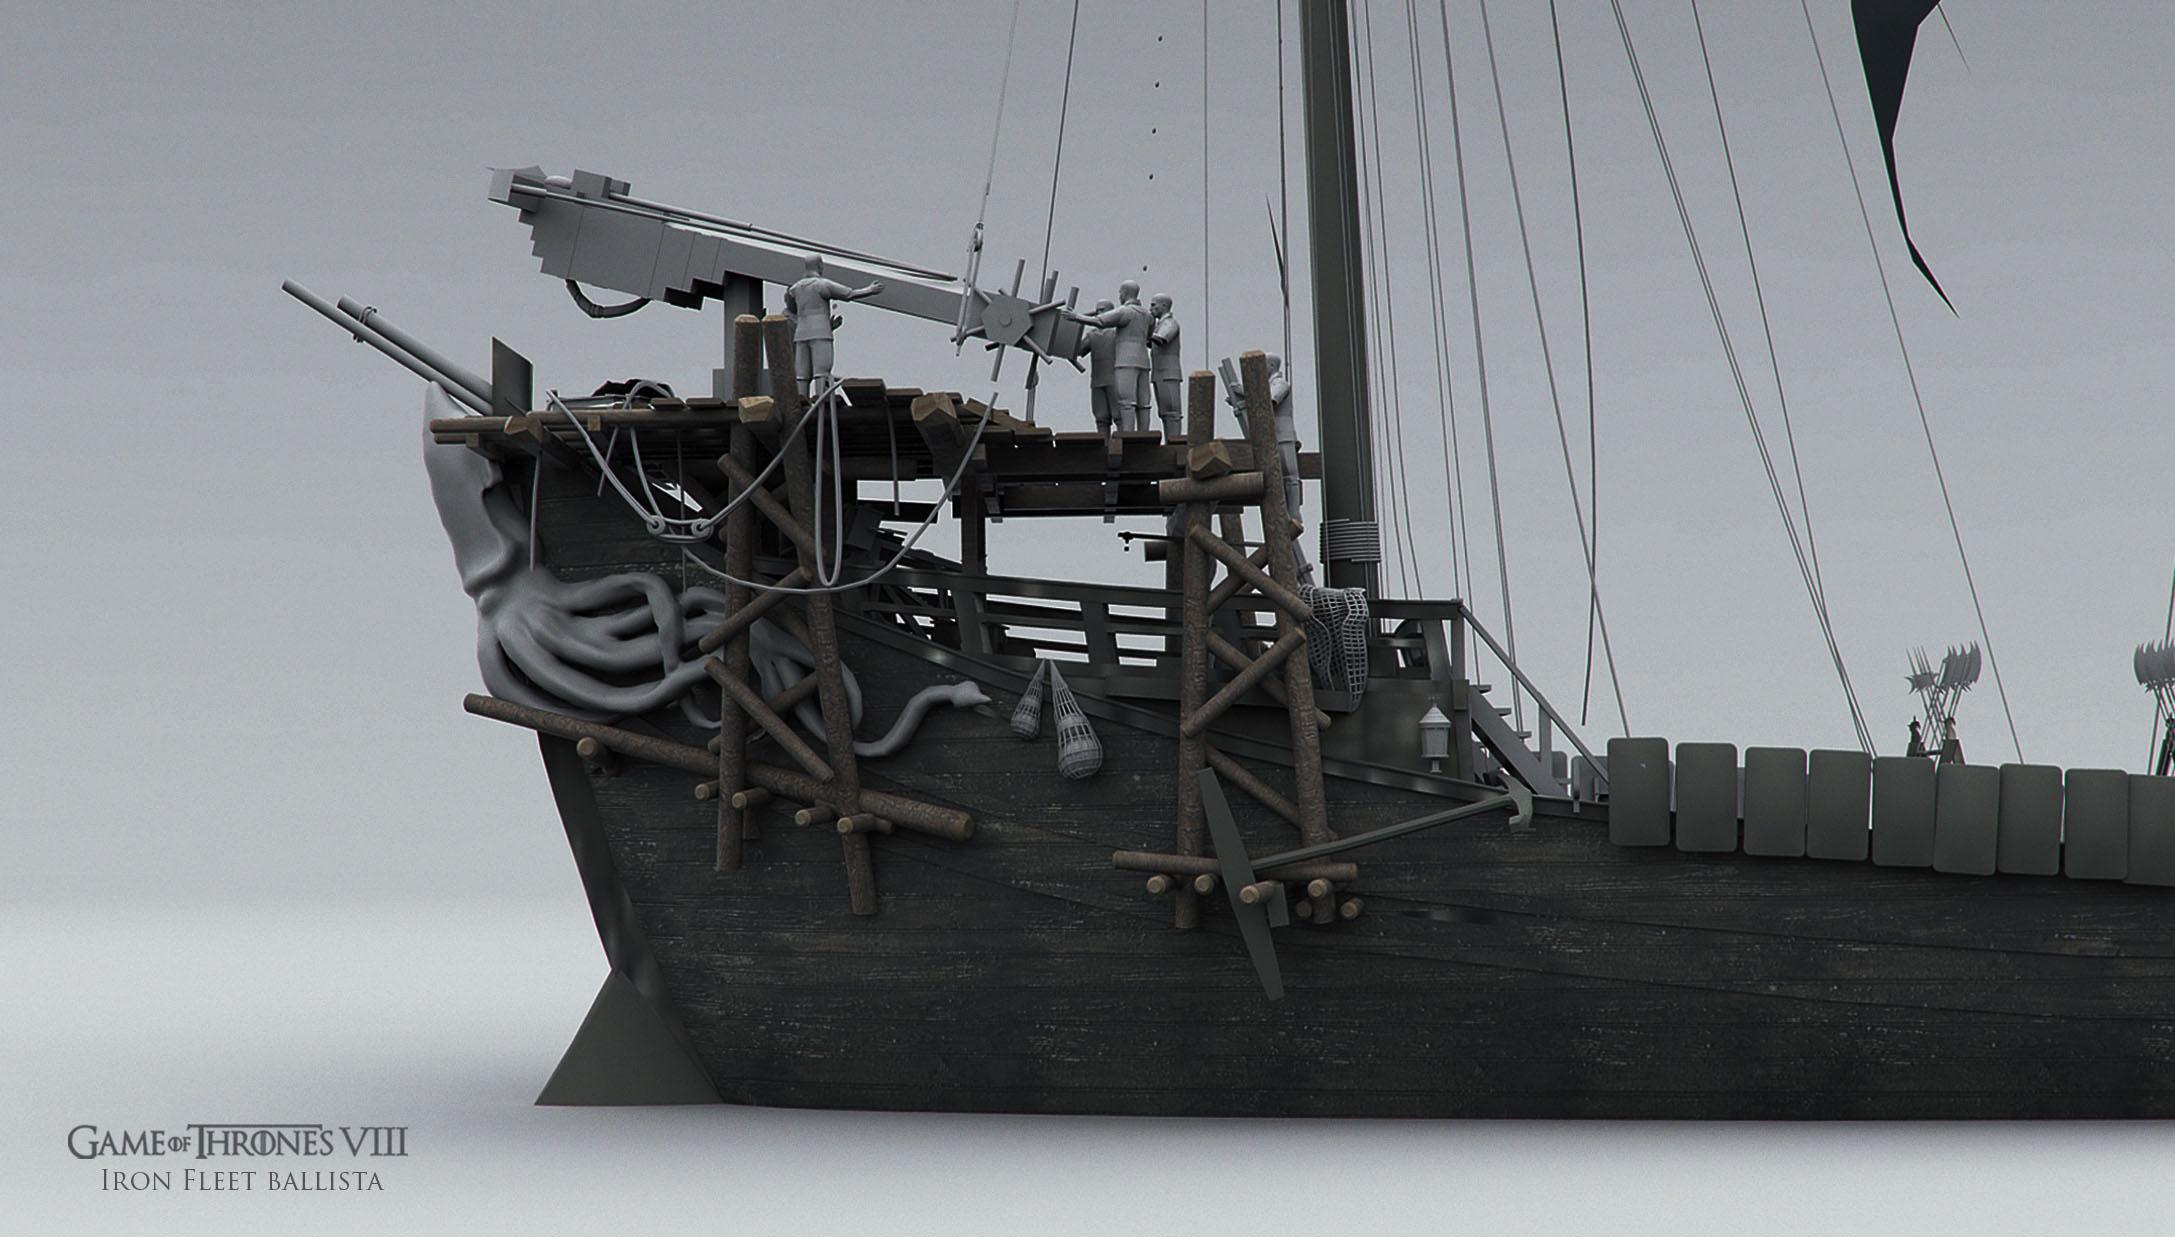 GOT8_Iron Fleet_Ballista_003.JPG